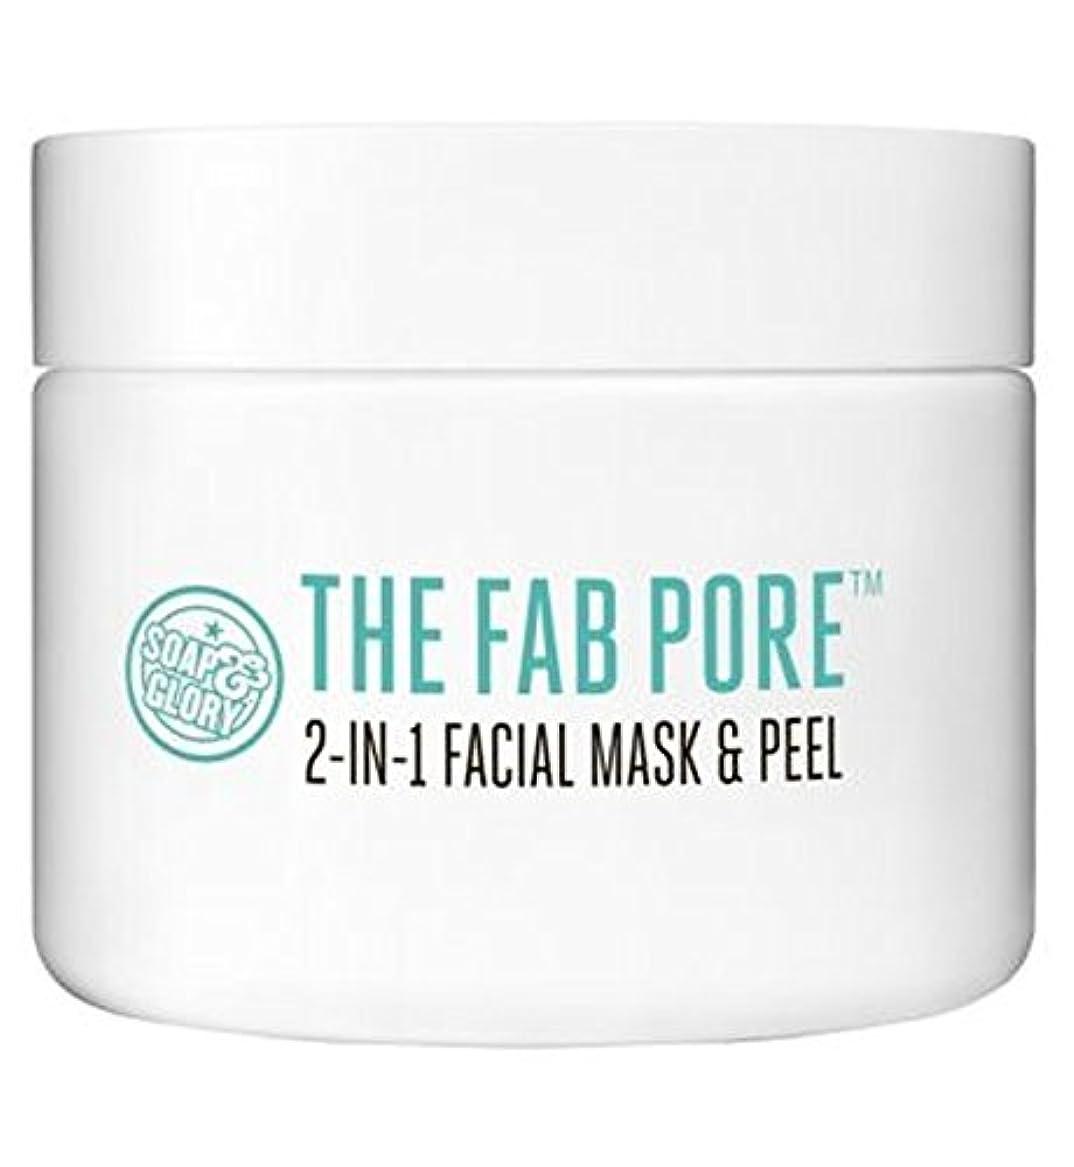 議論するクスコパプアニューギニアSoap & Glory? Fab Pore? 2-in-1 Facial Pore Purifying Mask & Peel - ファブ細孔?2イン1顔の細孔浄化マスク&ピール?石鹸&栄光 (Soap & Glory...